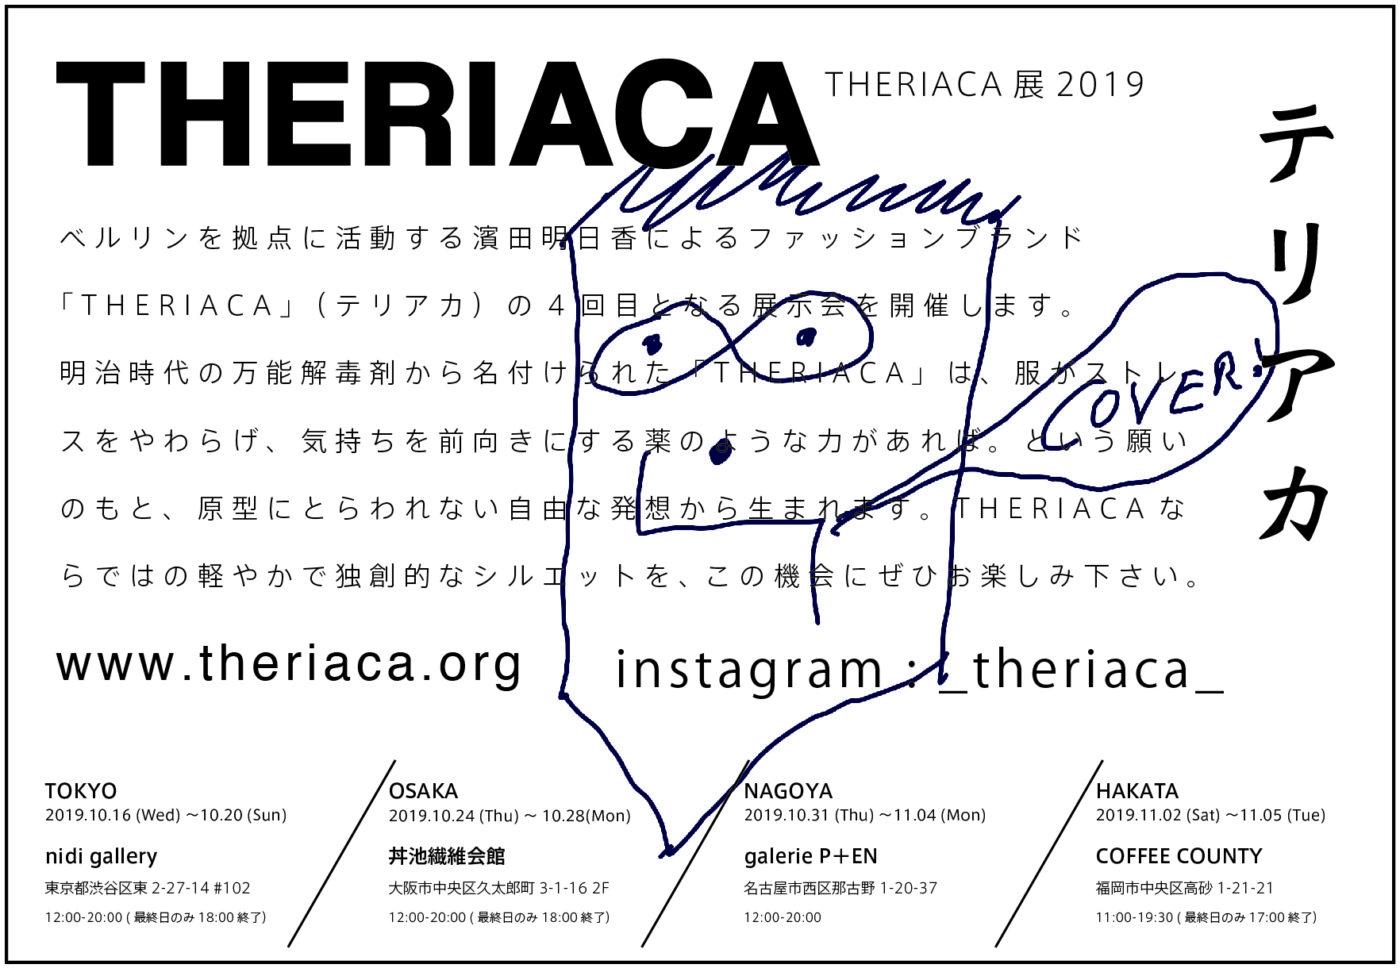 ファッションブランド「THERIACA」、大阪では4回目となる展示会を丼池繊維会館にて開催